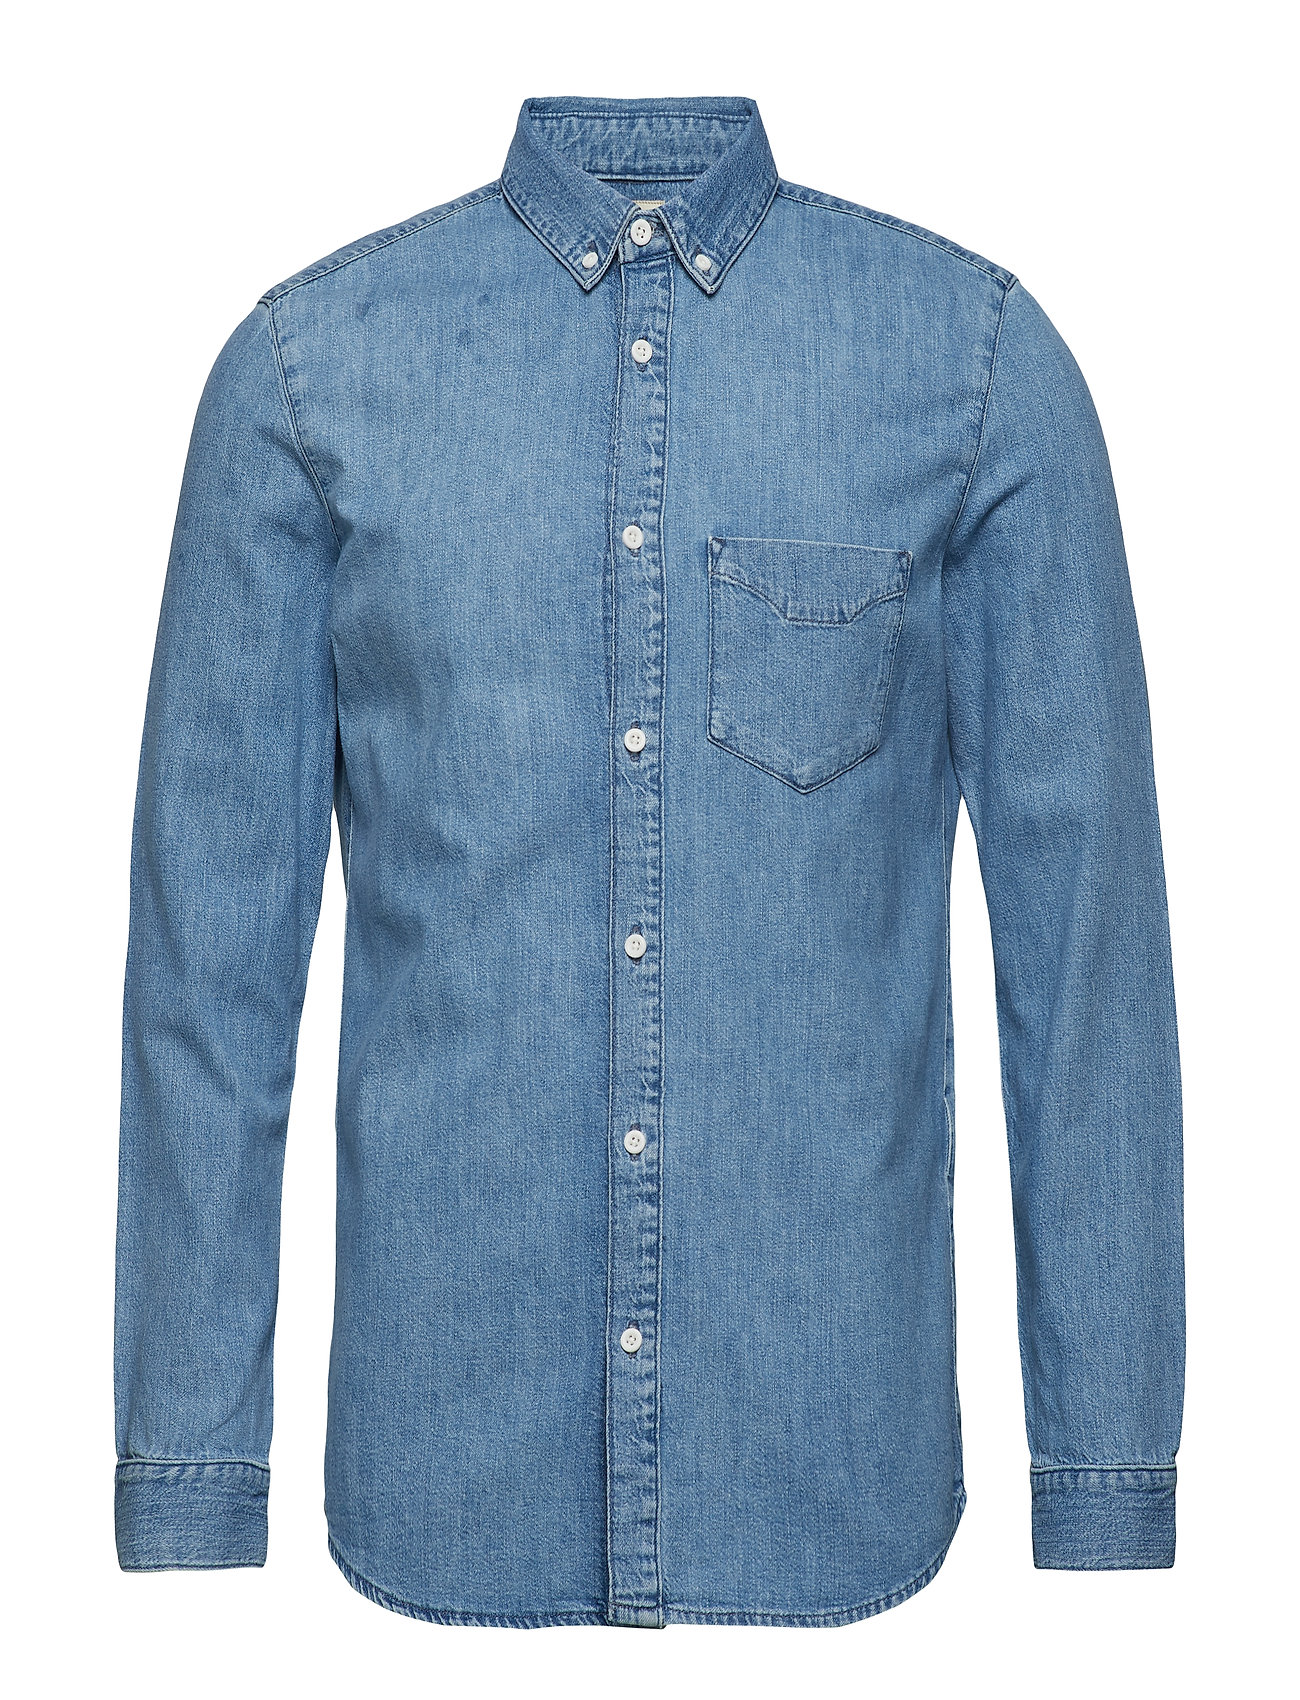 Tiger of Sweden Jeans RIT - LIGHT BLUE